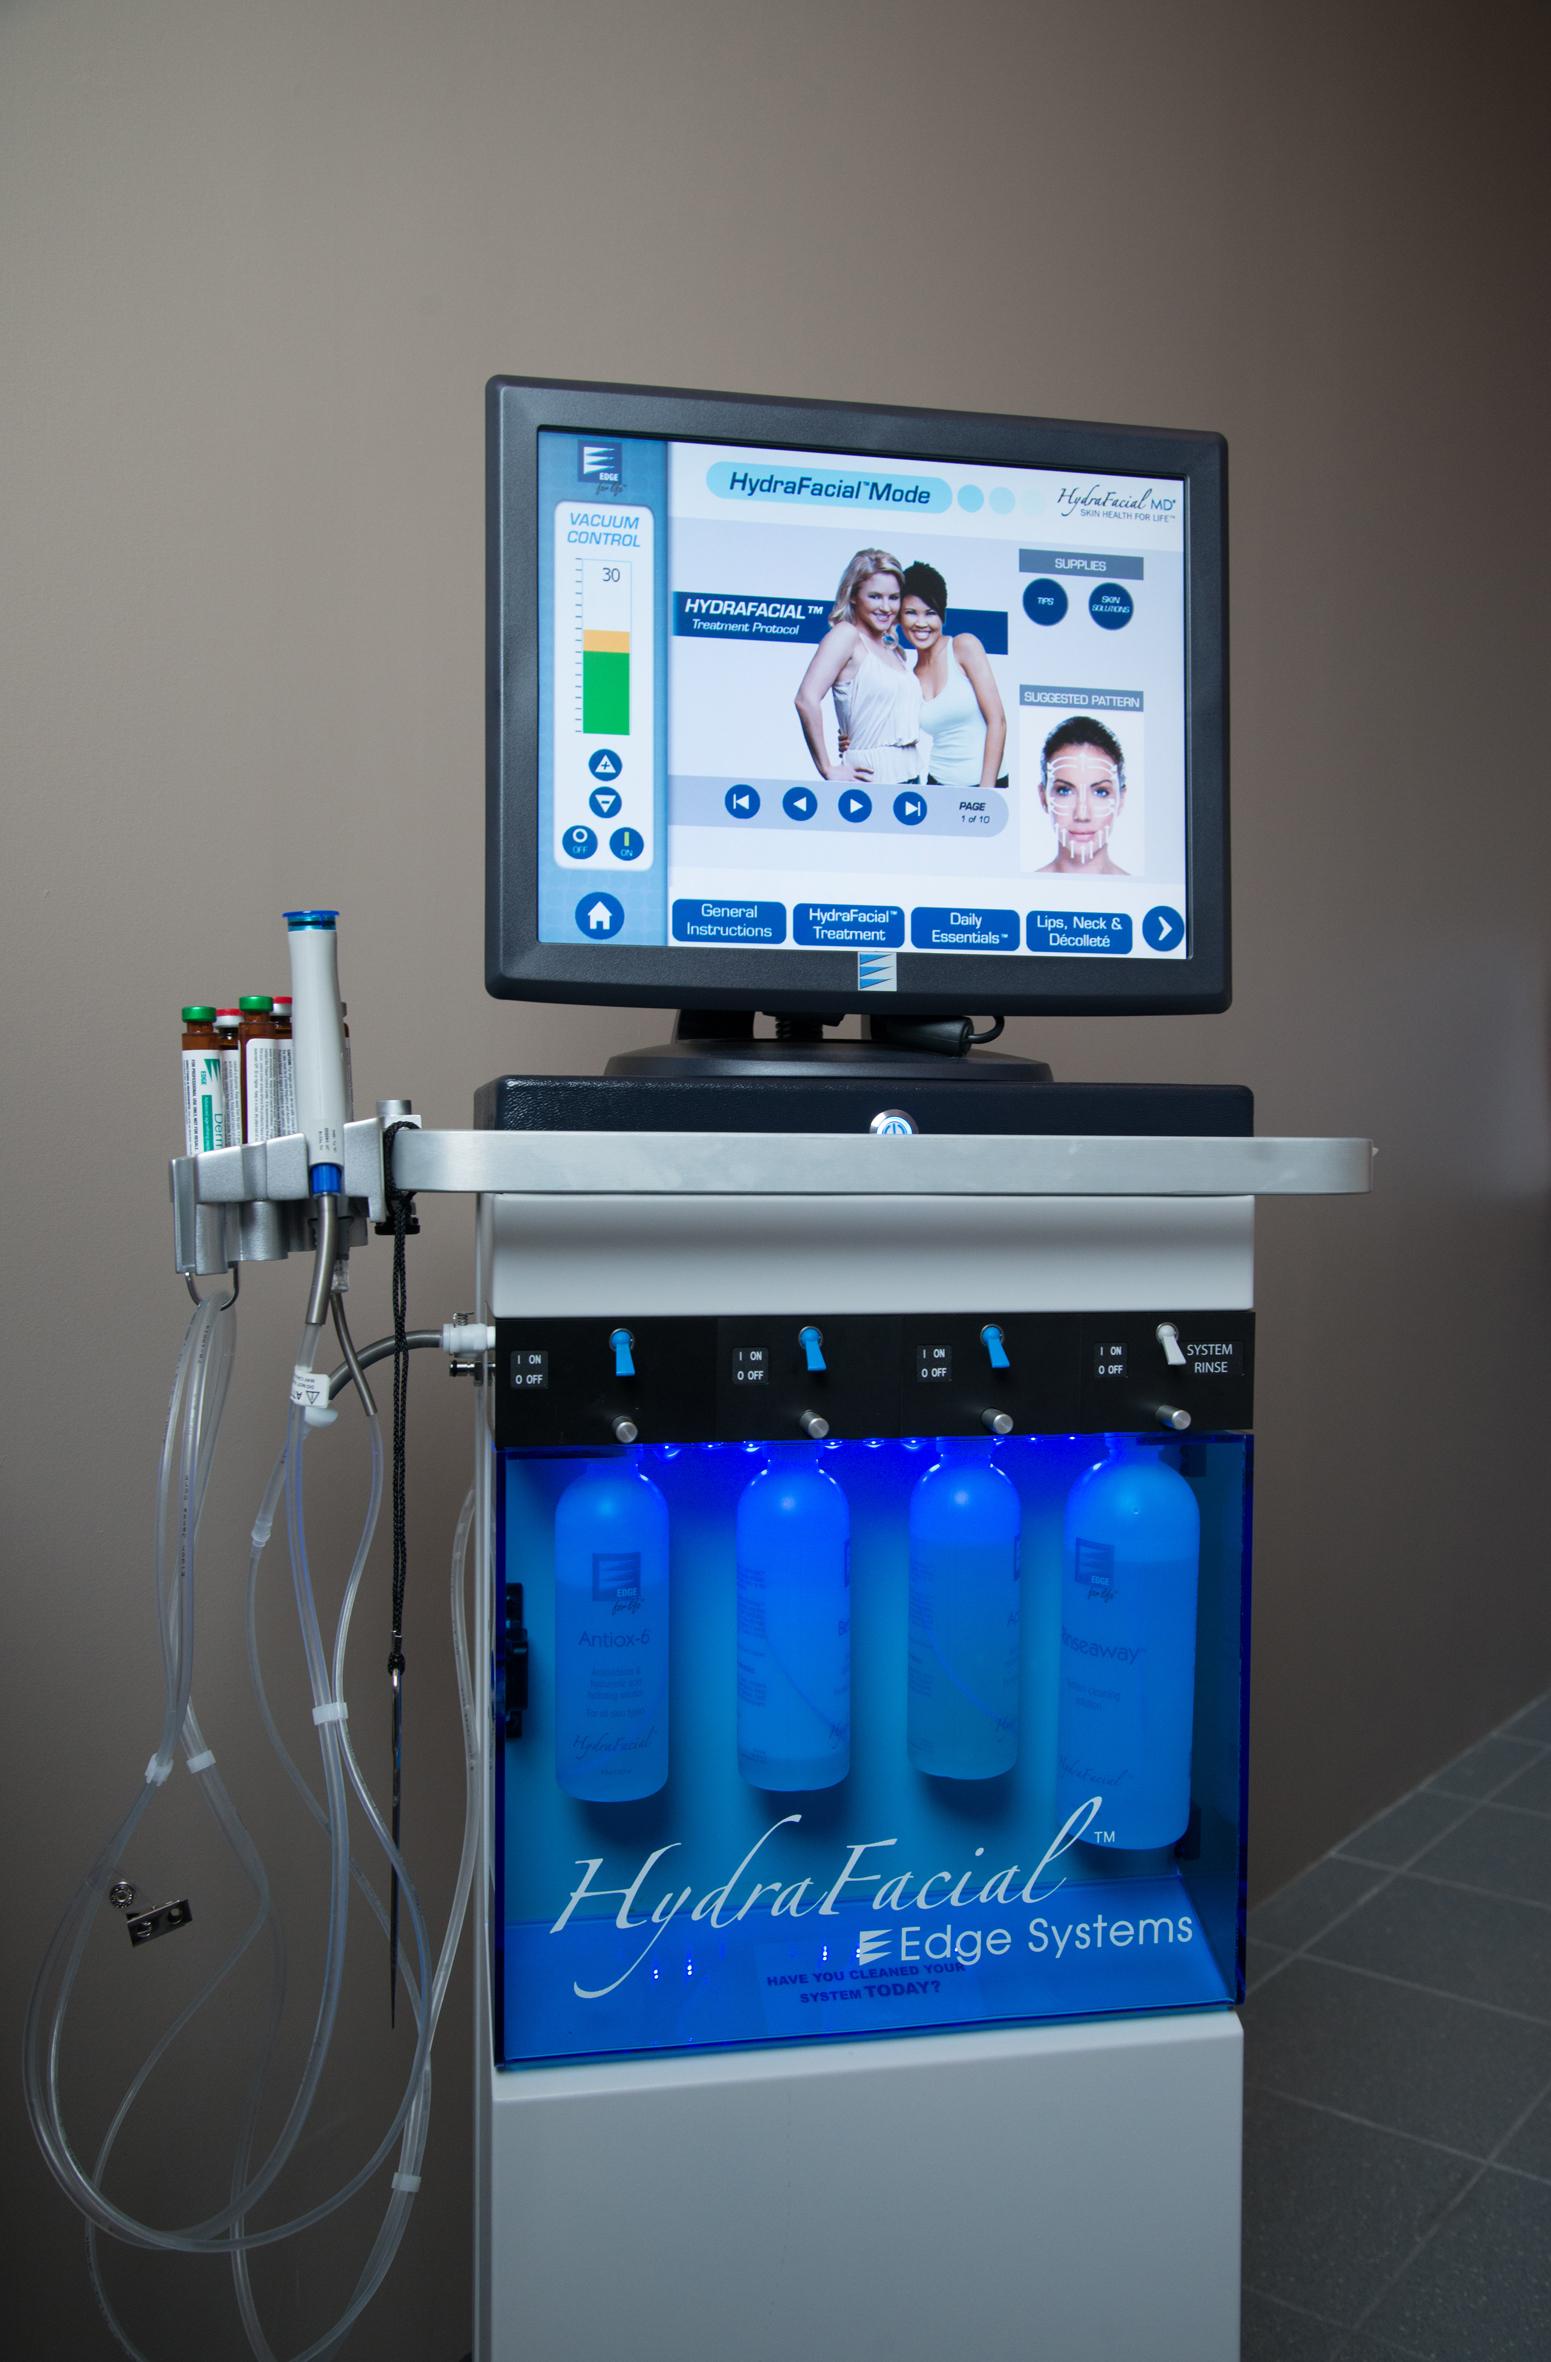 Dette systemet her inneholder en komplett hudpleiebehadnling. Den består av flere steg, som ellers ville tatt totalt 3 timer for å rekke innom alle behandlingene denne gjør. Denne tar ca 30 min.  Foto: Siv Sivertsen